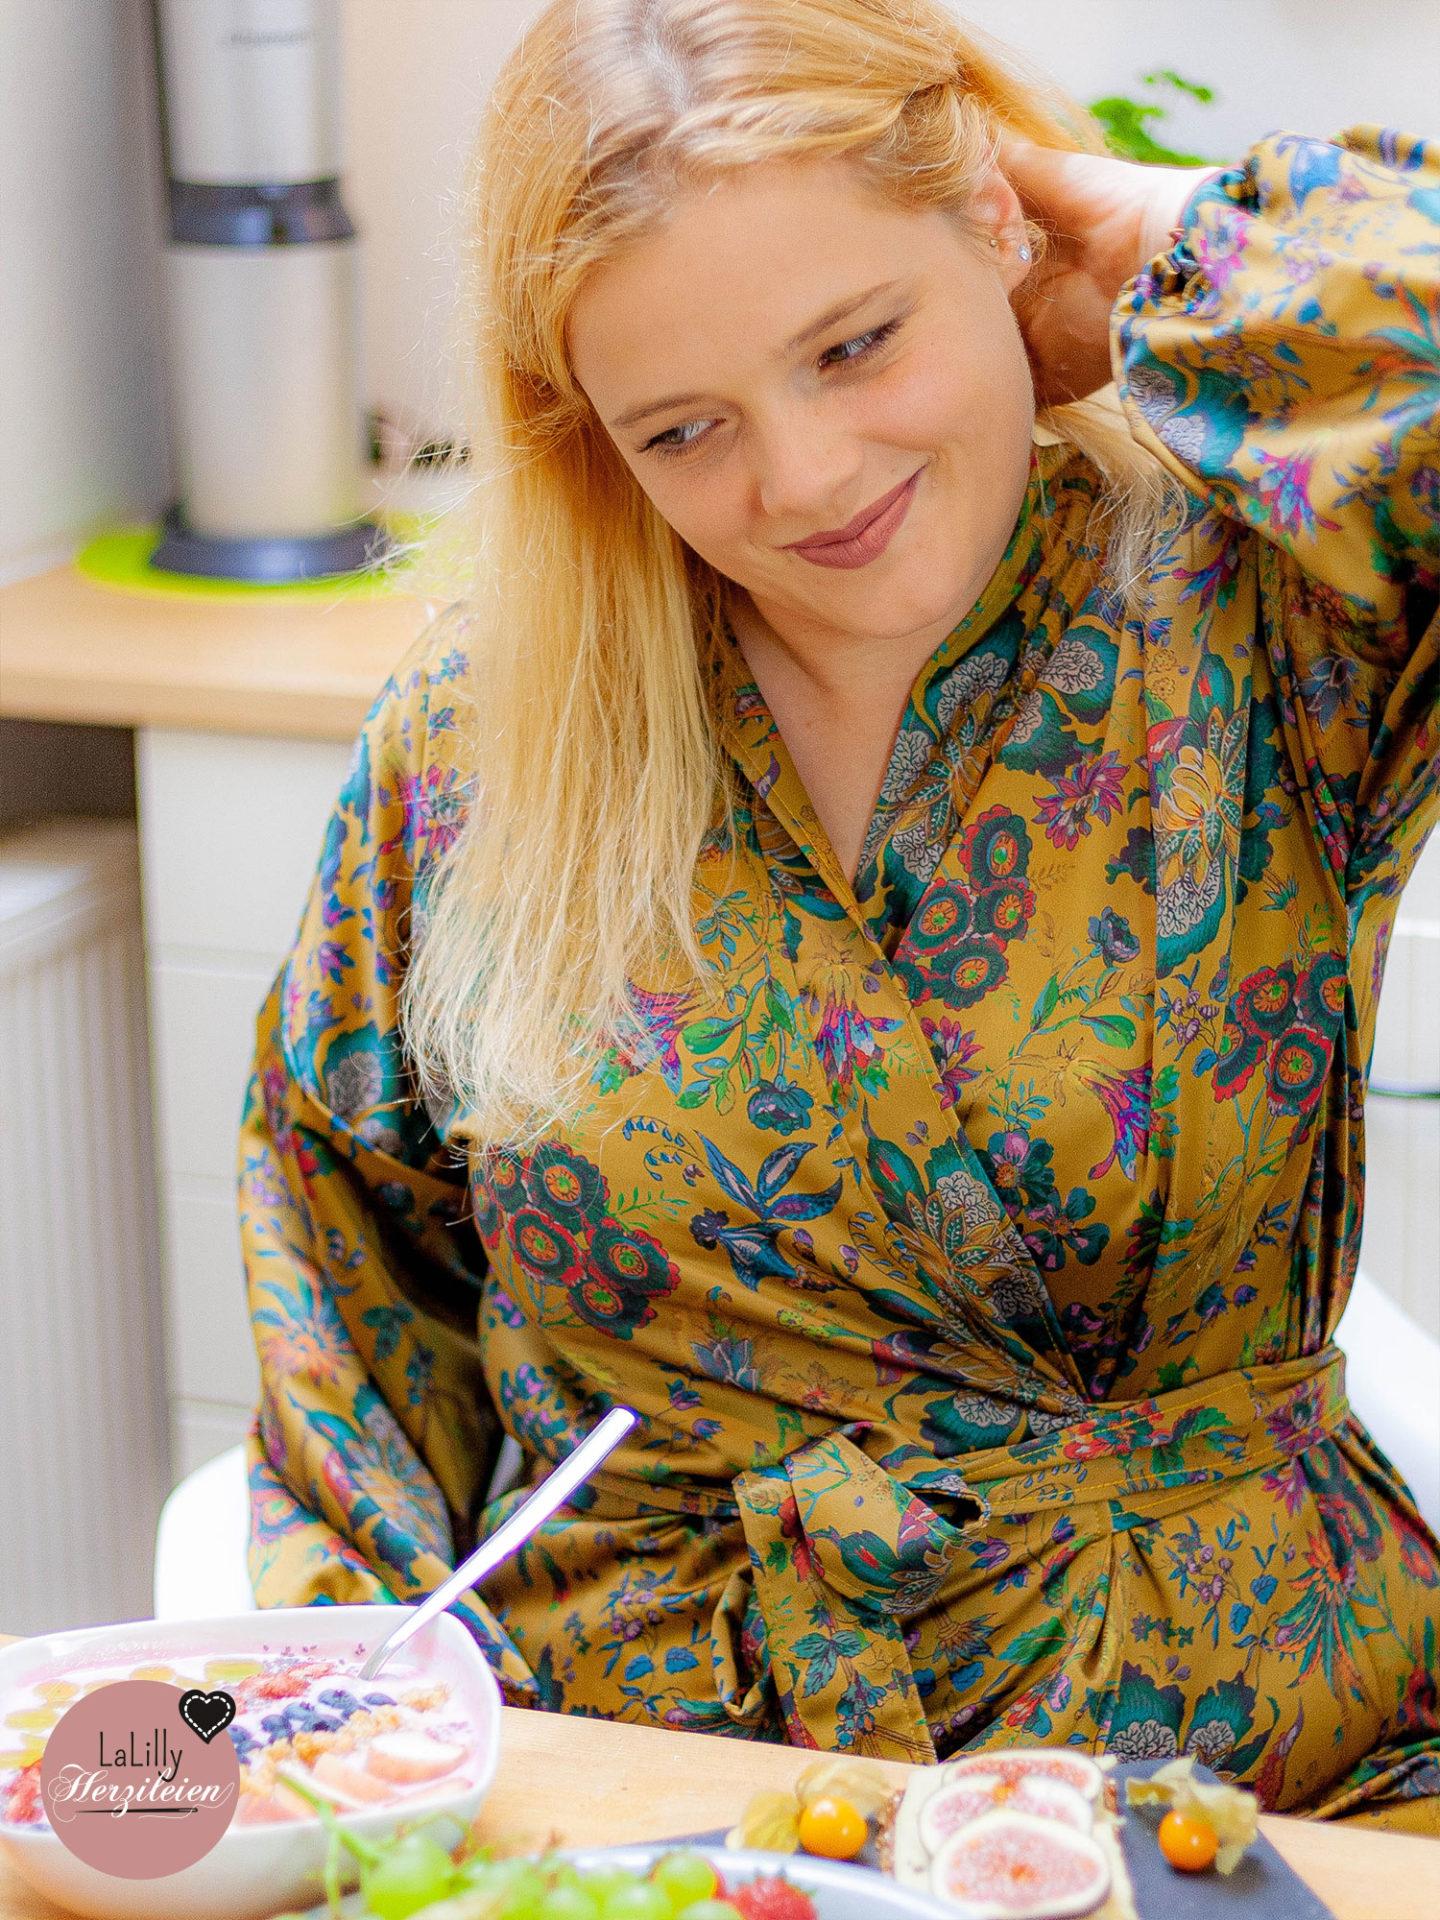 Anzeige: Wann hast du dir zuletzt so richtig Me-Time gegönnt? Zeit für diich ohne weitere anstehende Aufgaben, die du im Auge behalten musstest? Ich nehme mir diese Zeit jetzt ganz bewusst indem ich freitags nur für mich so richtig schön frühstücke! Ich zieh mir mein gemütliches, selbstgenähtes Kimonokleid Ainhoa an, und gönne mir mein altes geliebtes Ritual: Yakult, Obst, Joghurt und Zeit nur für mich!